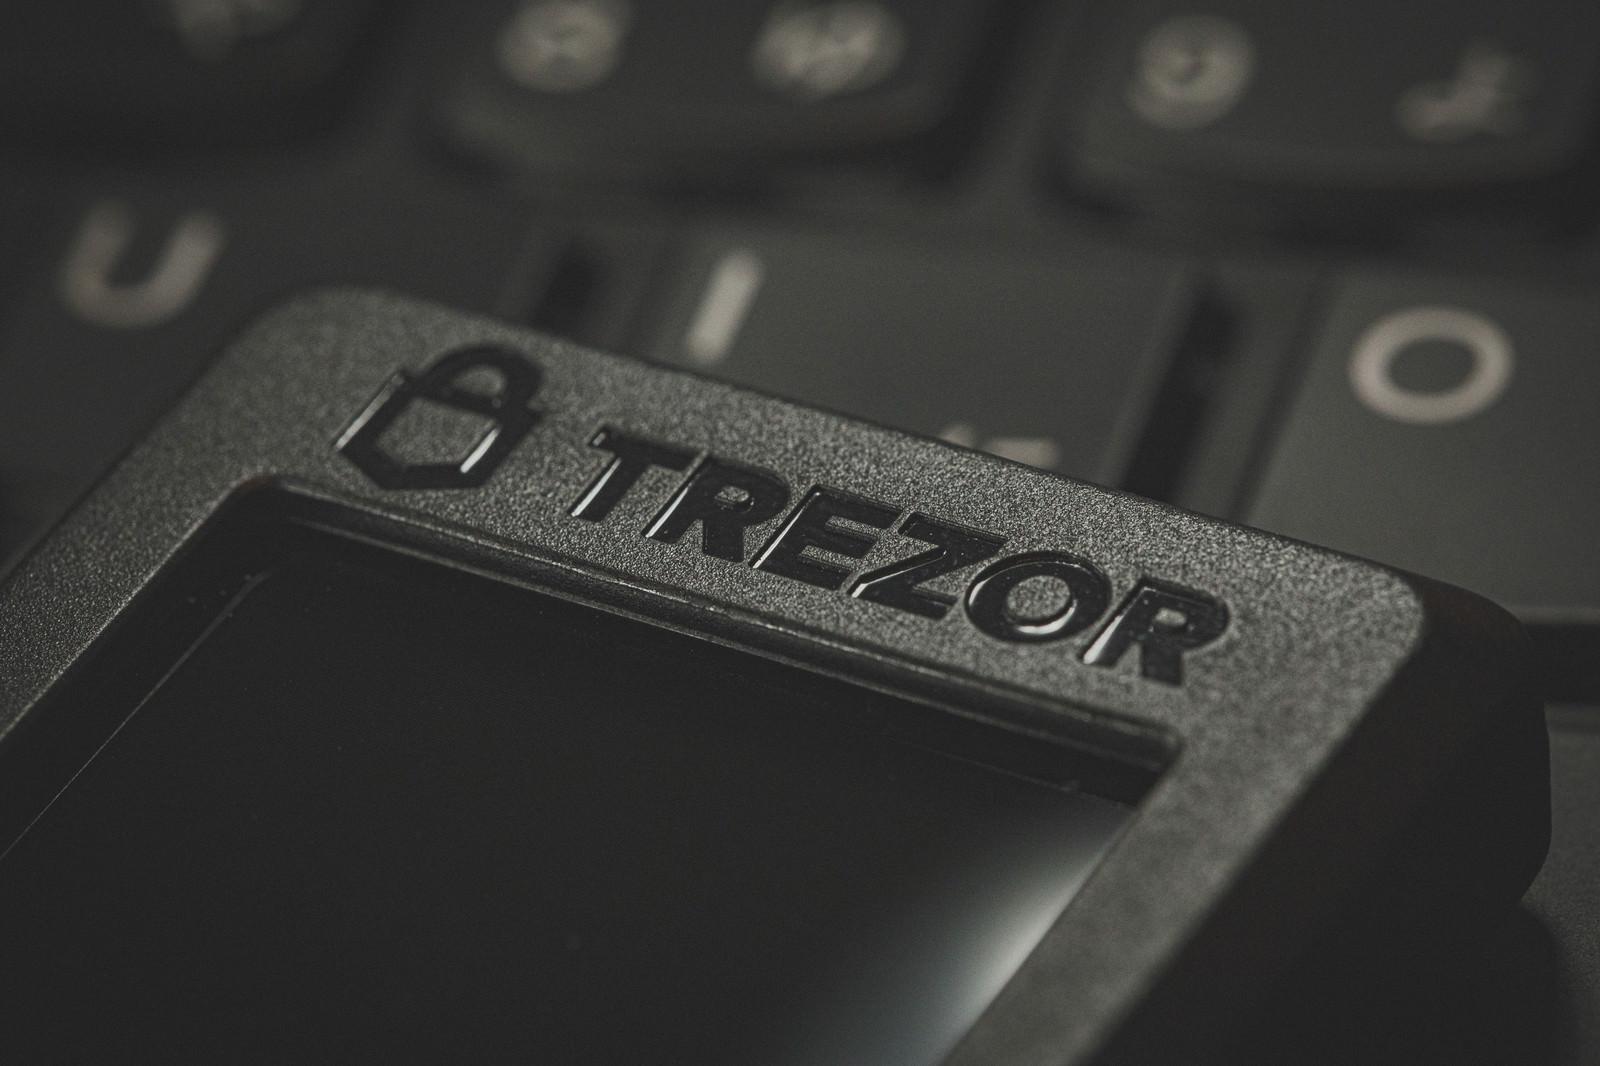 「ハードウェアウォレット「TREZOR」」の写真